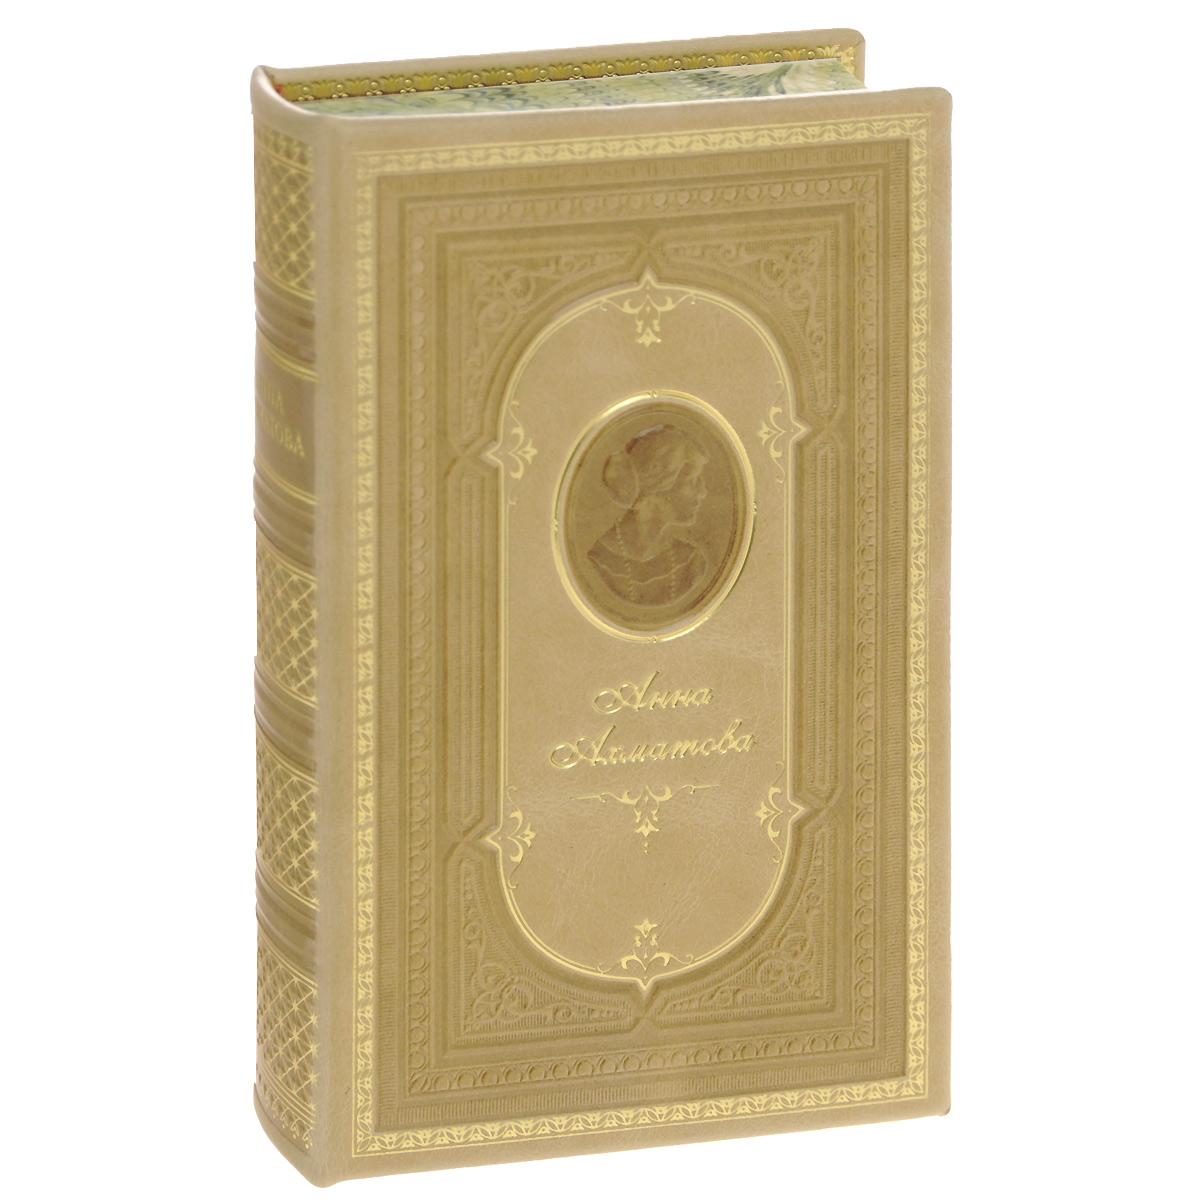 Анна Ахматова Бег времени. Стихотворения и поэмы (подарочное издание)